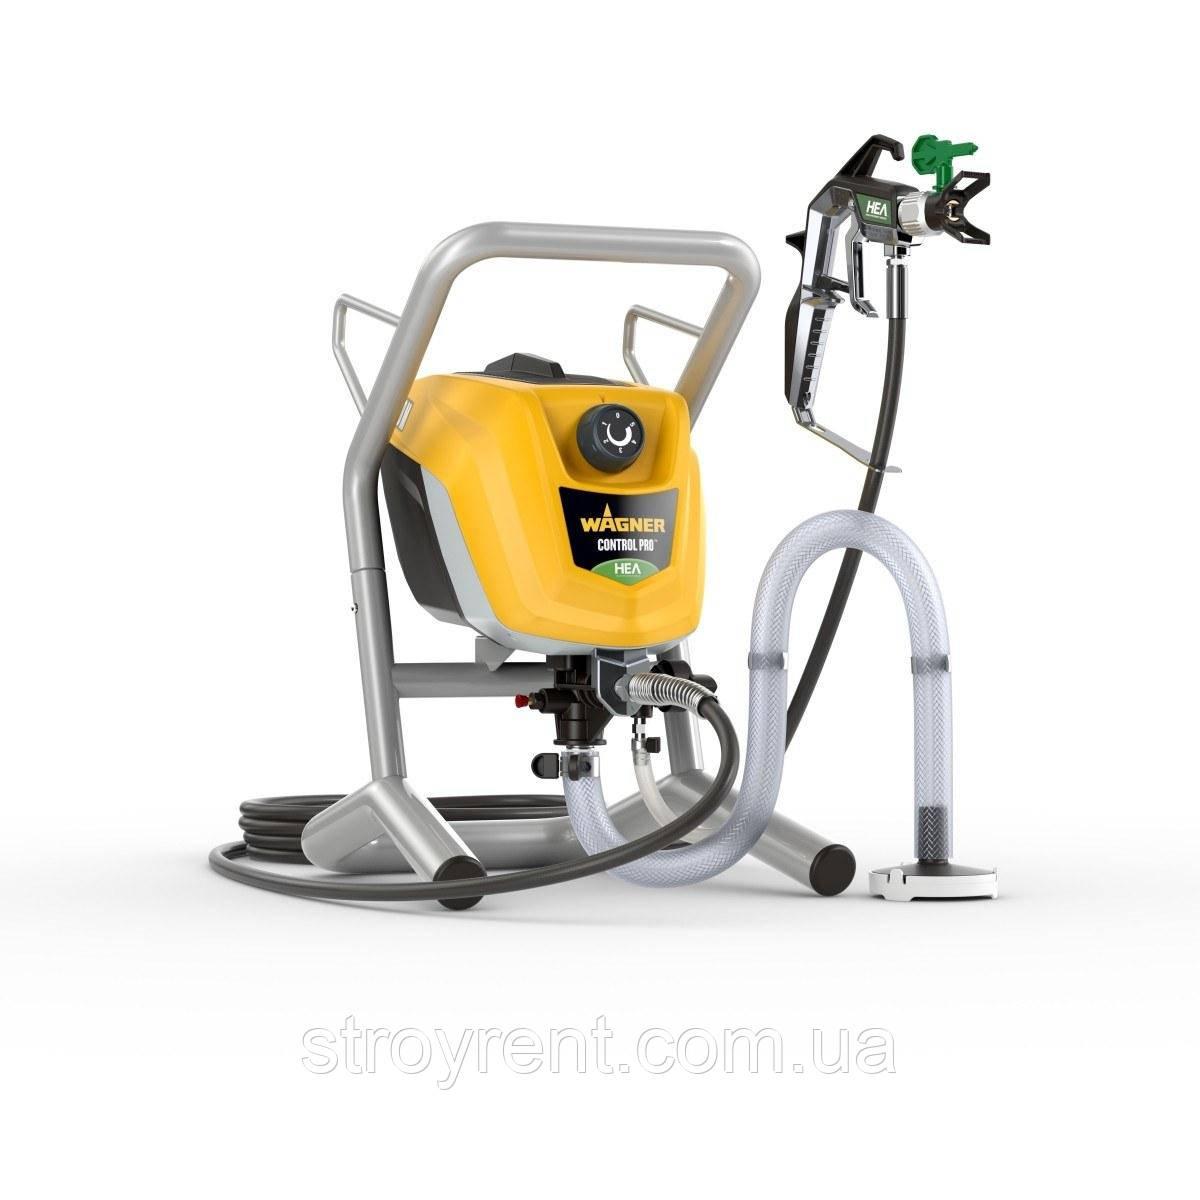 Wagner Control Pro 250 M окрасочный аппарат безвоздушного распыления - аренда, прокат